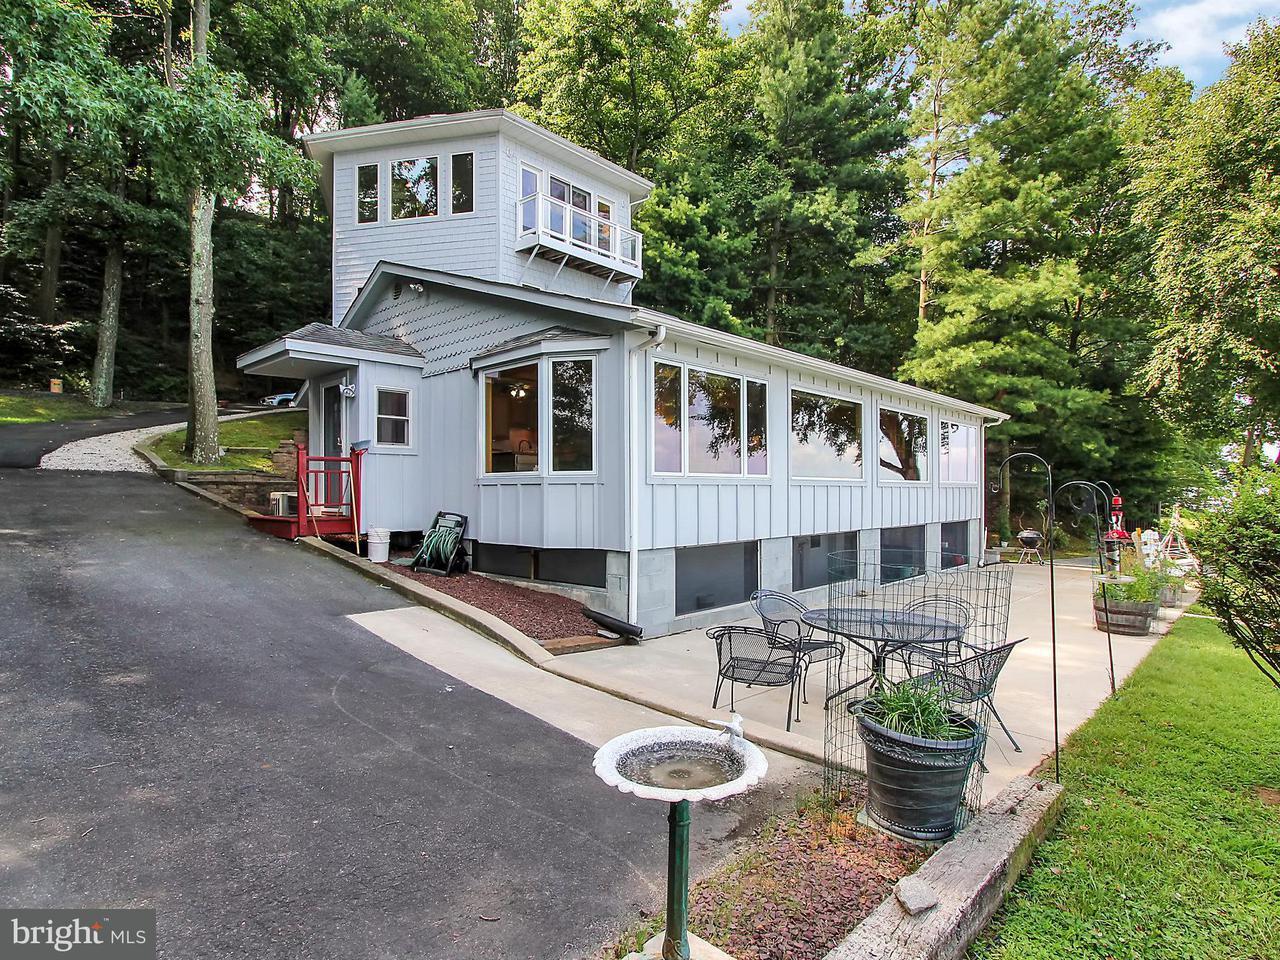 Single Family Home for Sale at 101 MASON Lane 101 MASON Lane North East, Maryland 21901 United States